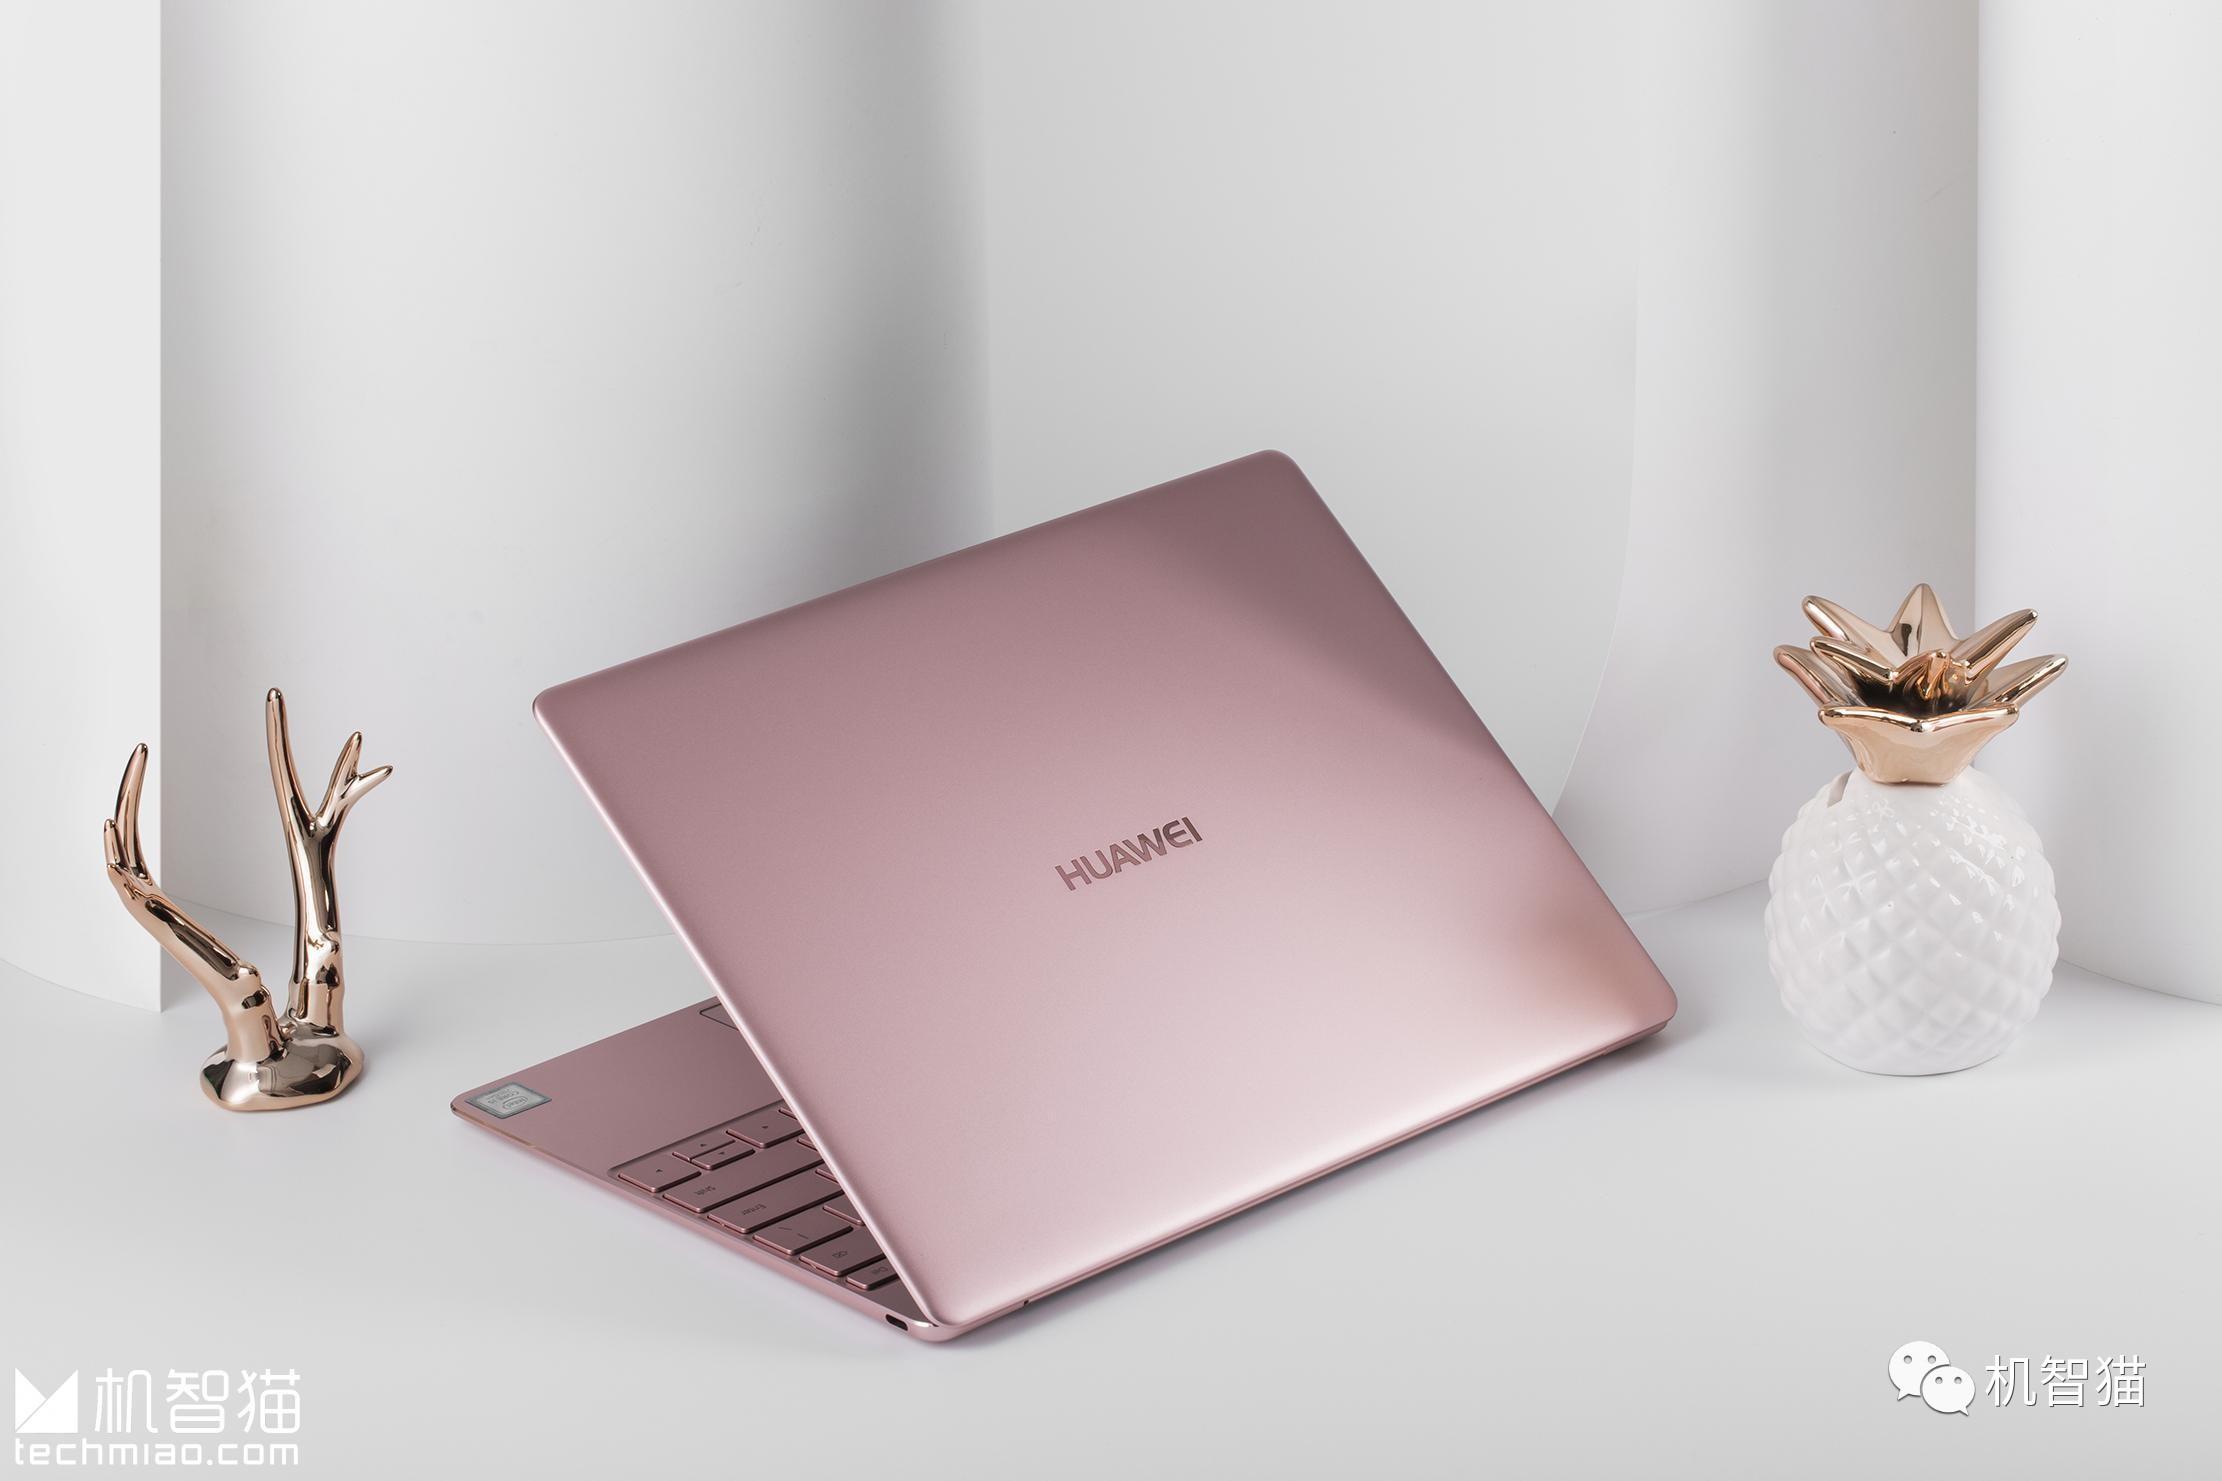 华为MateBook X国行首发开箱:手机品牌又出了一款让笔记本编辑连连点赞的产品